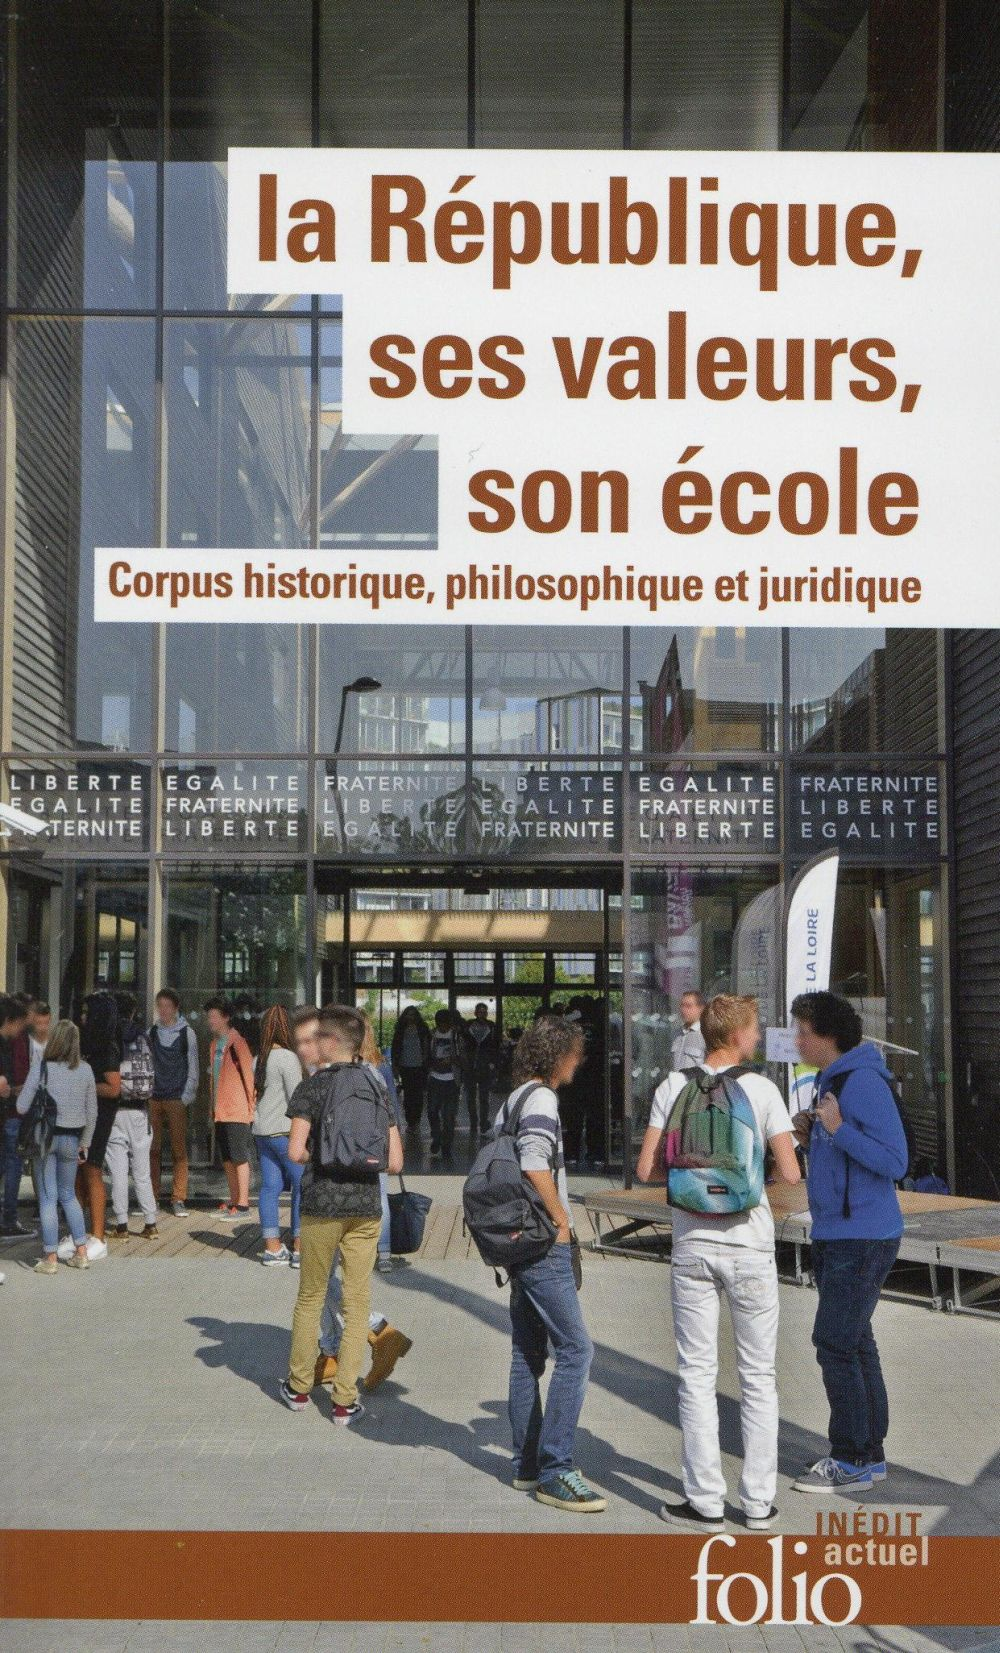 La République, ses valeurs, son école ; corpus historique, philosophique et juridique